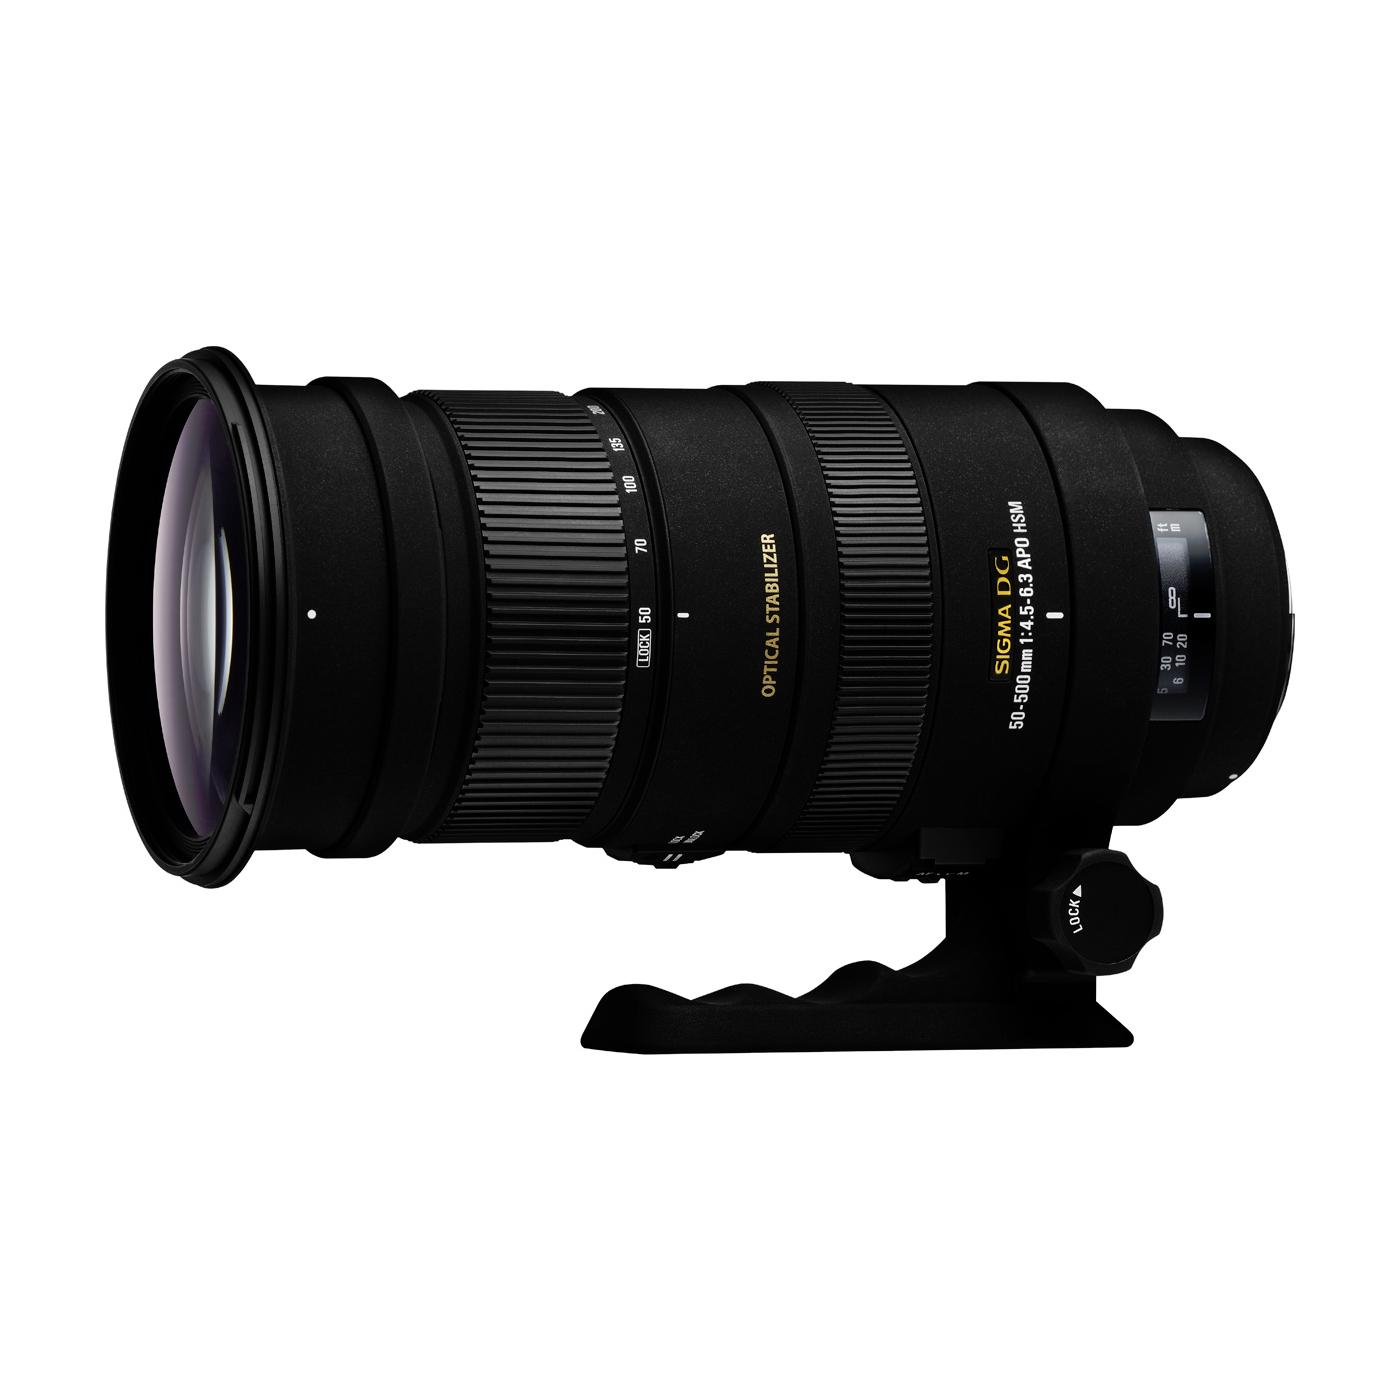 Sigma 50-500/4,5-6,3 APO DG HSM OS Canon